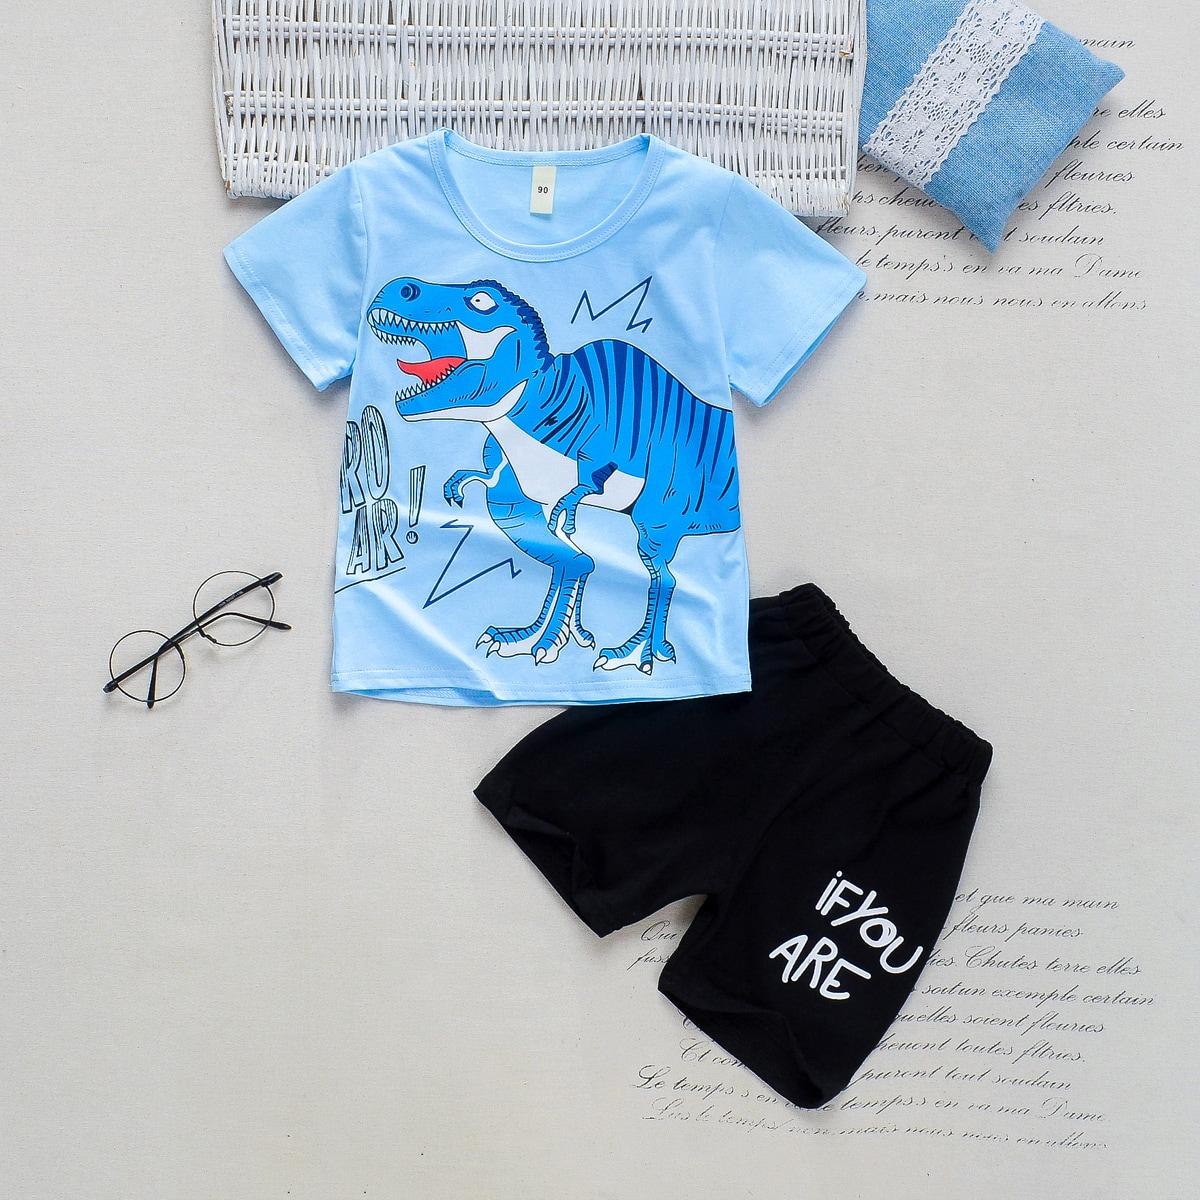 Шорты и футболка с текстовым, мультипликационным принтом для мальчиков